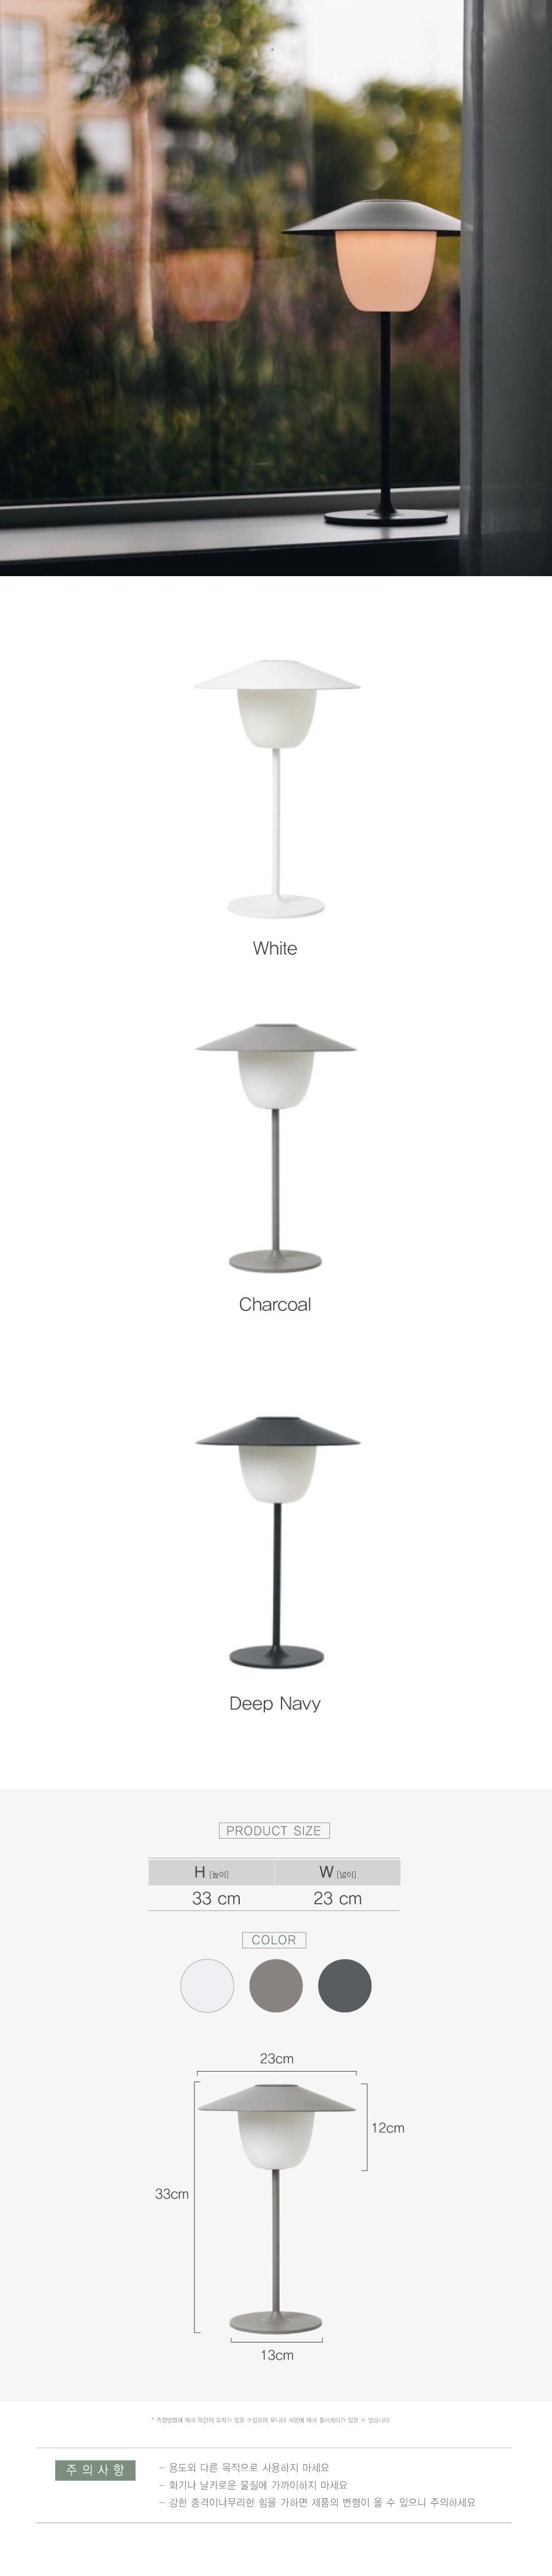 led-lamp-2.jpg